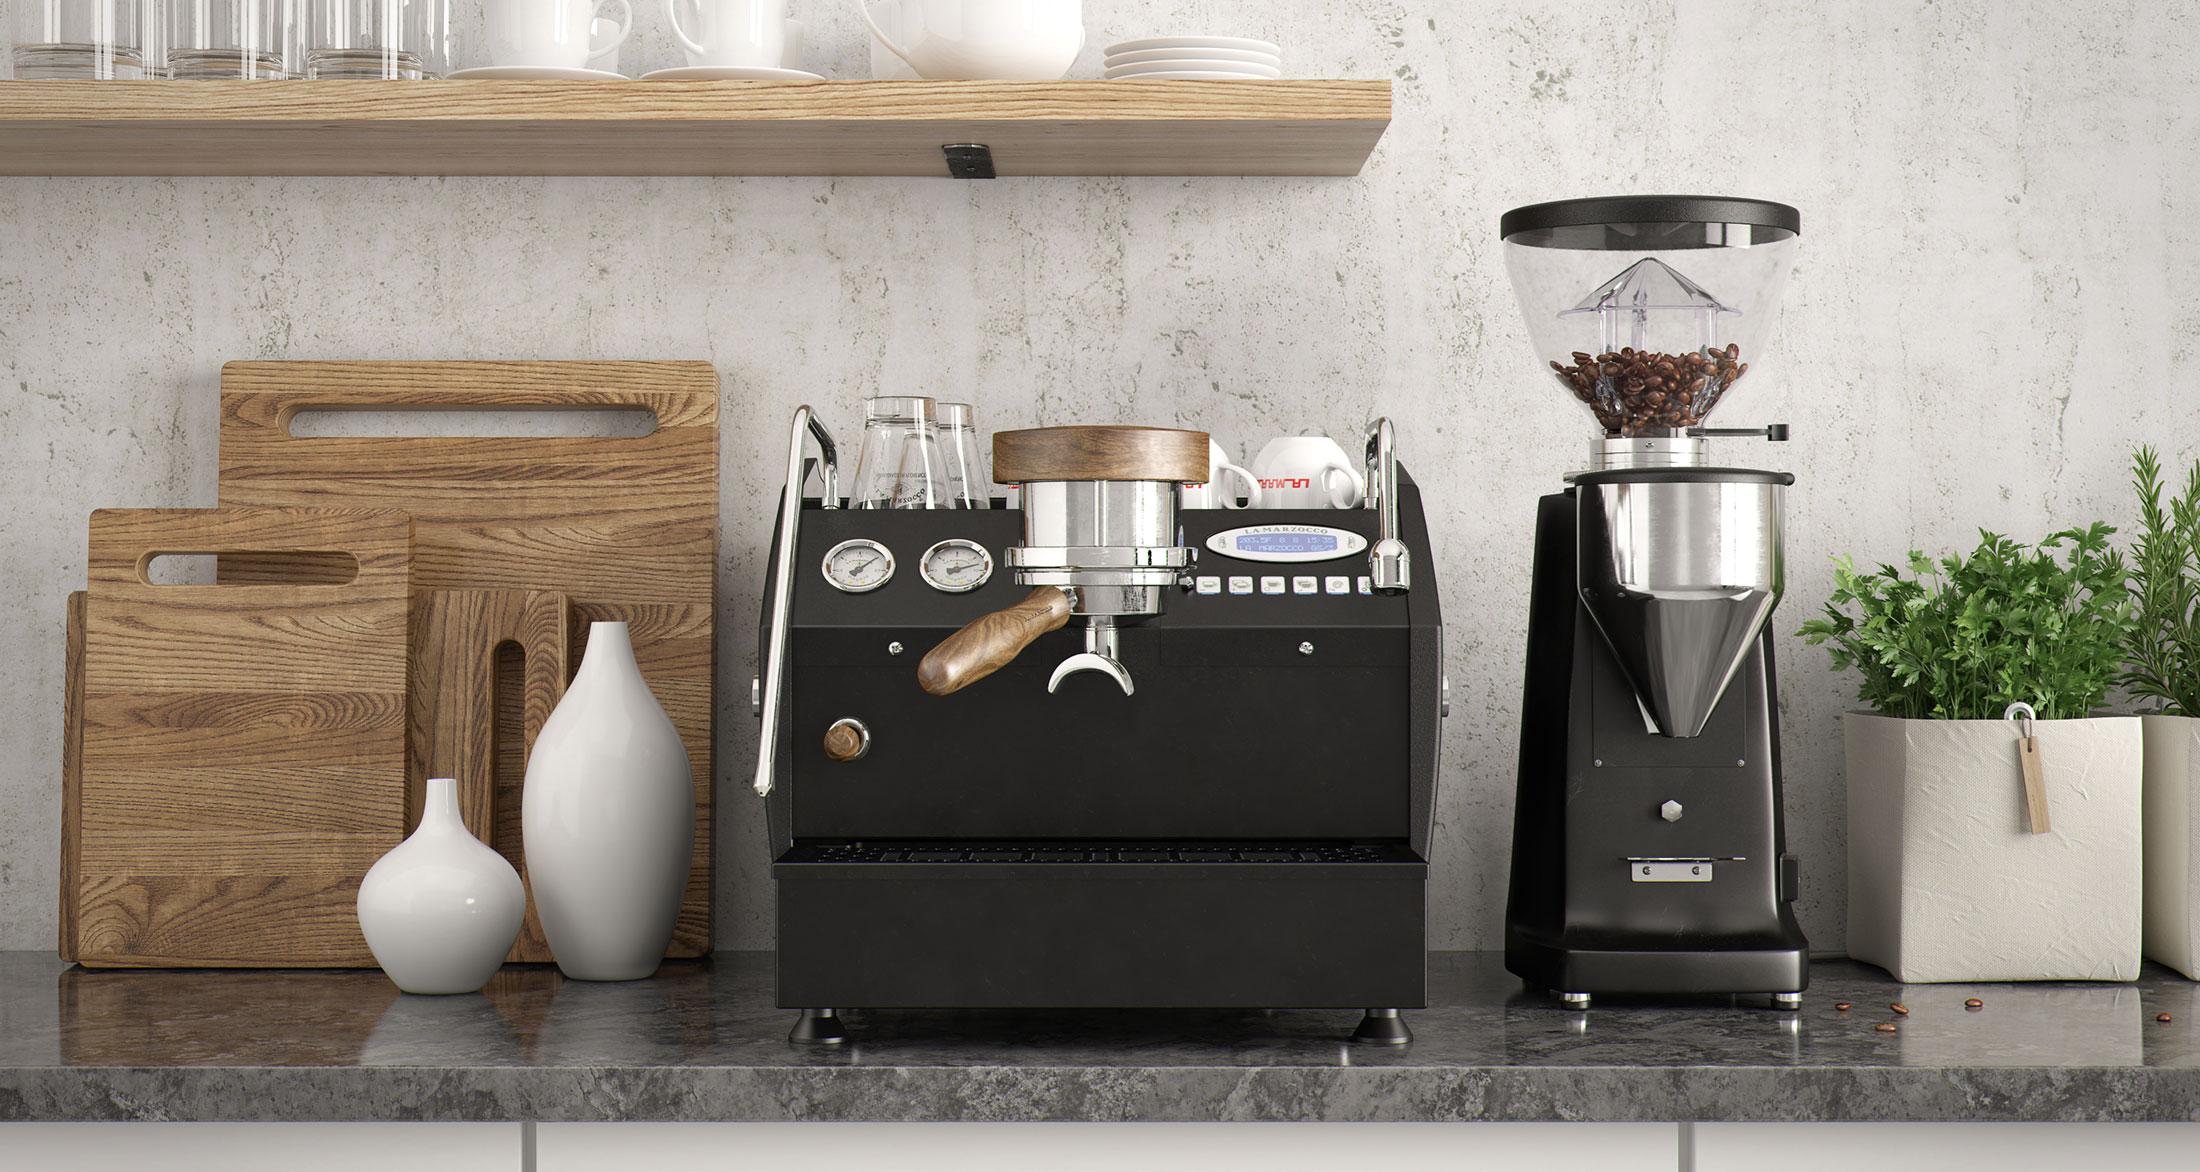 La Marzocco GS3 – espresso machine